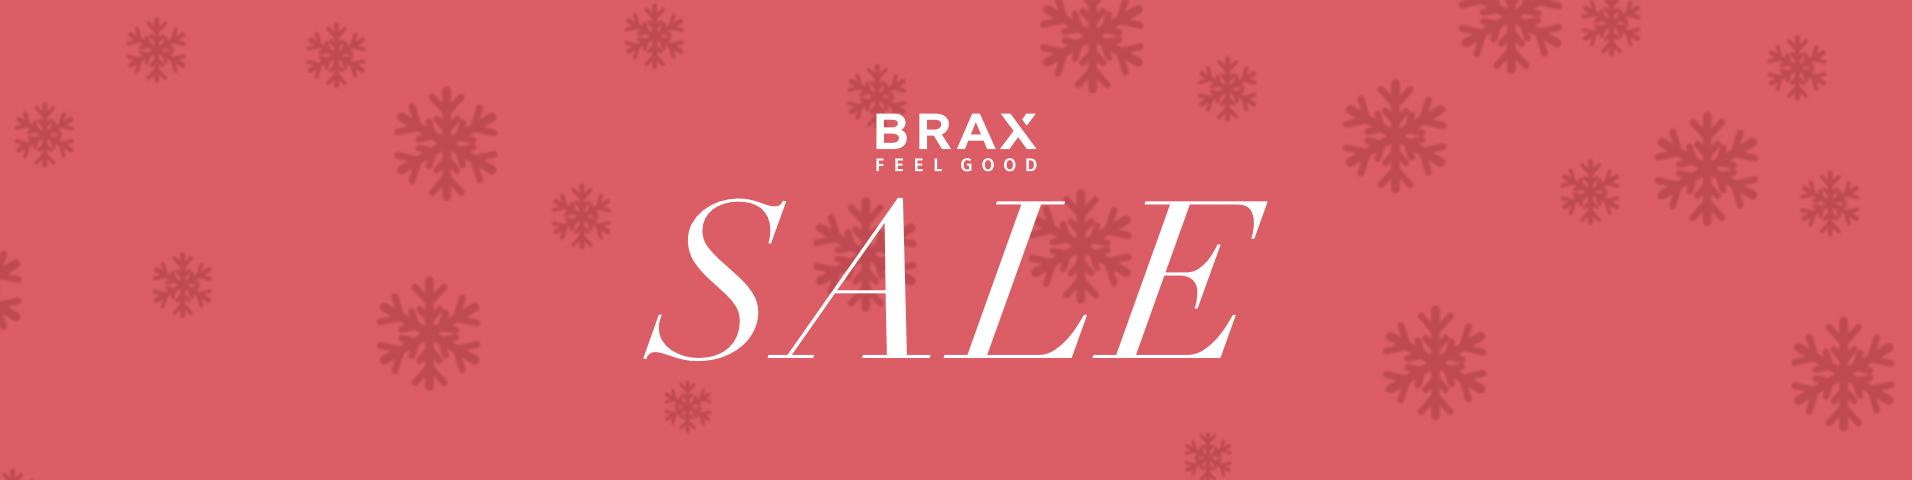 7e4ccc0cf711 BRAX Herrenschuhe sind jetzt besonders günstig im Sale   ZALANDO